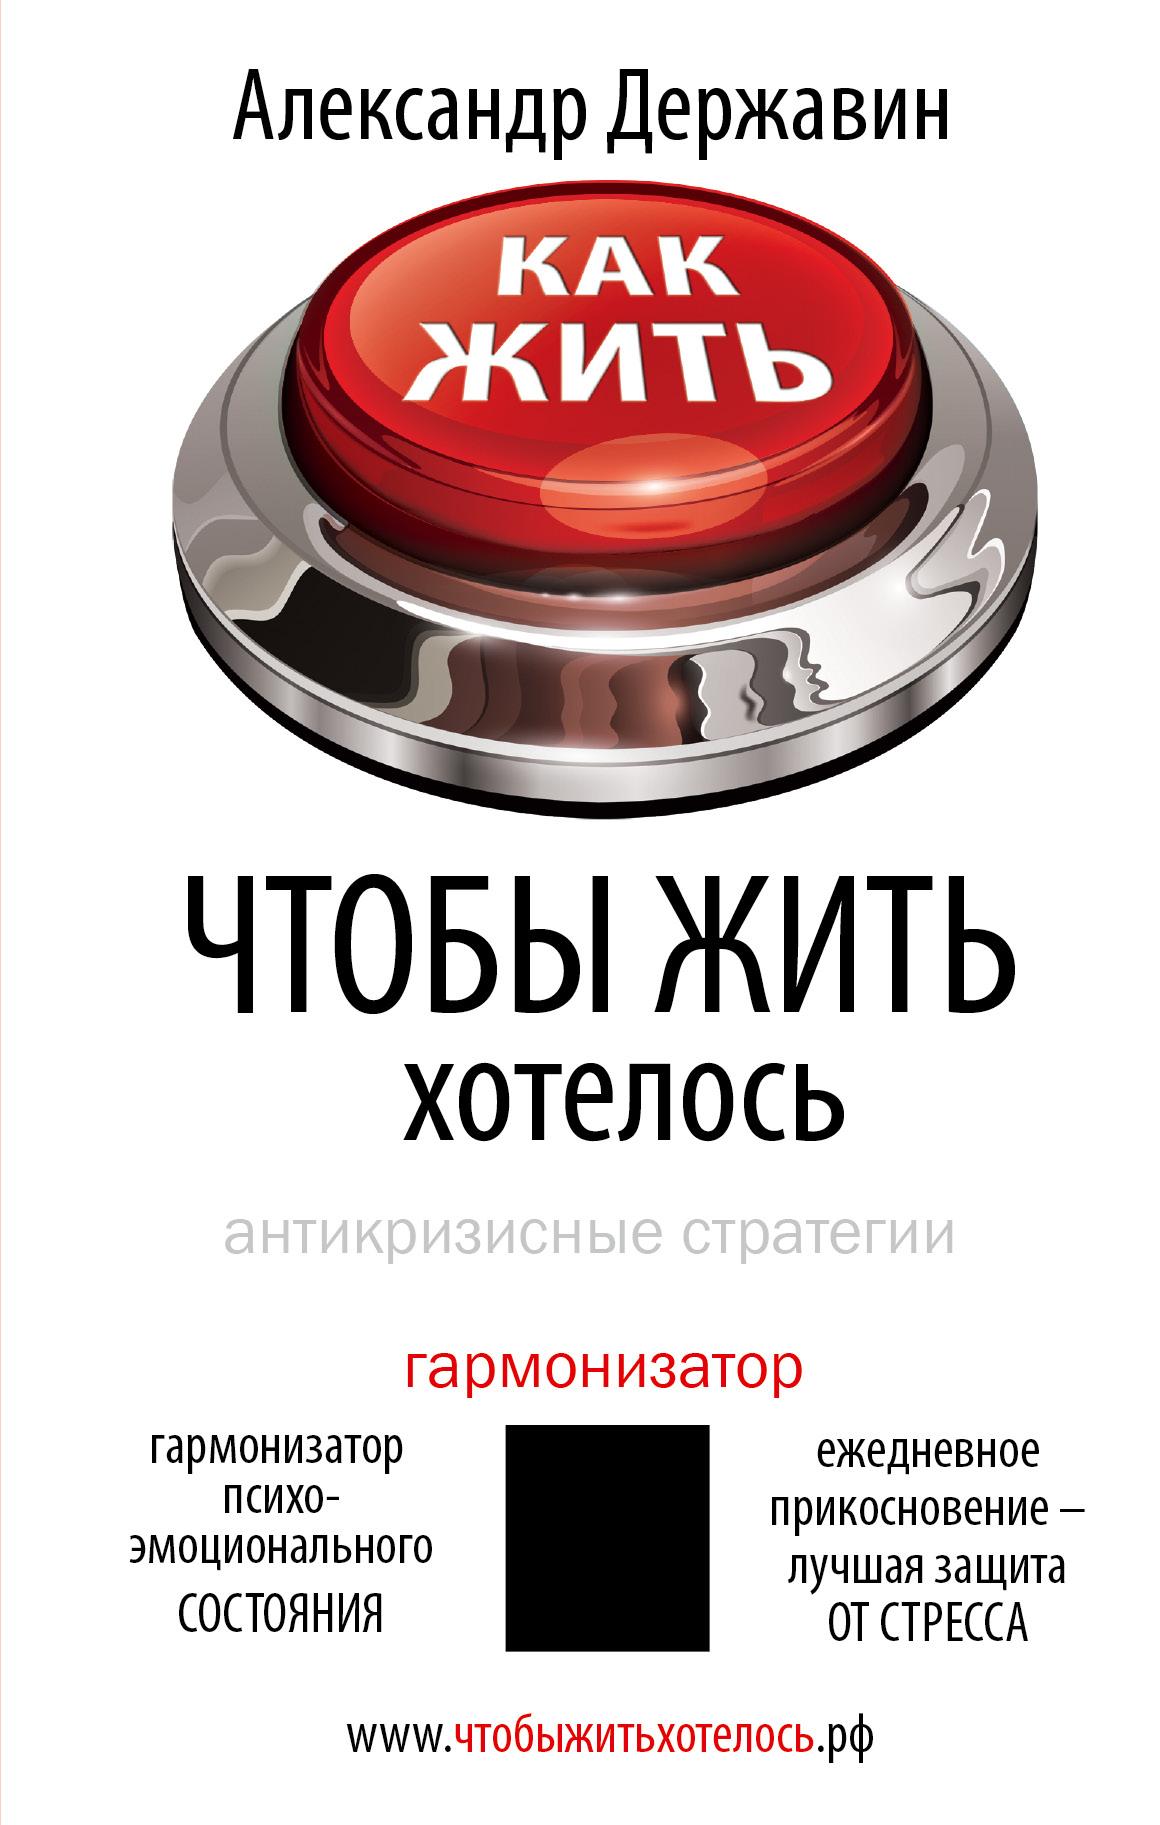 Купить Как жить, чтобы жить хотелось. Антикризисные стратегии, Александр Державин, 978-5-17-089930-2